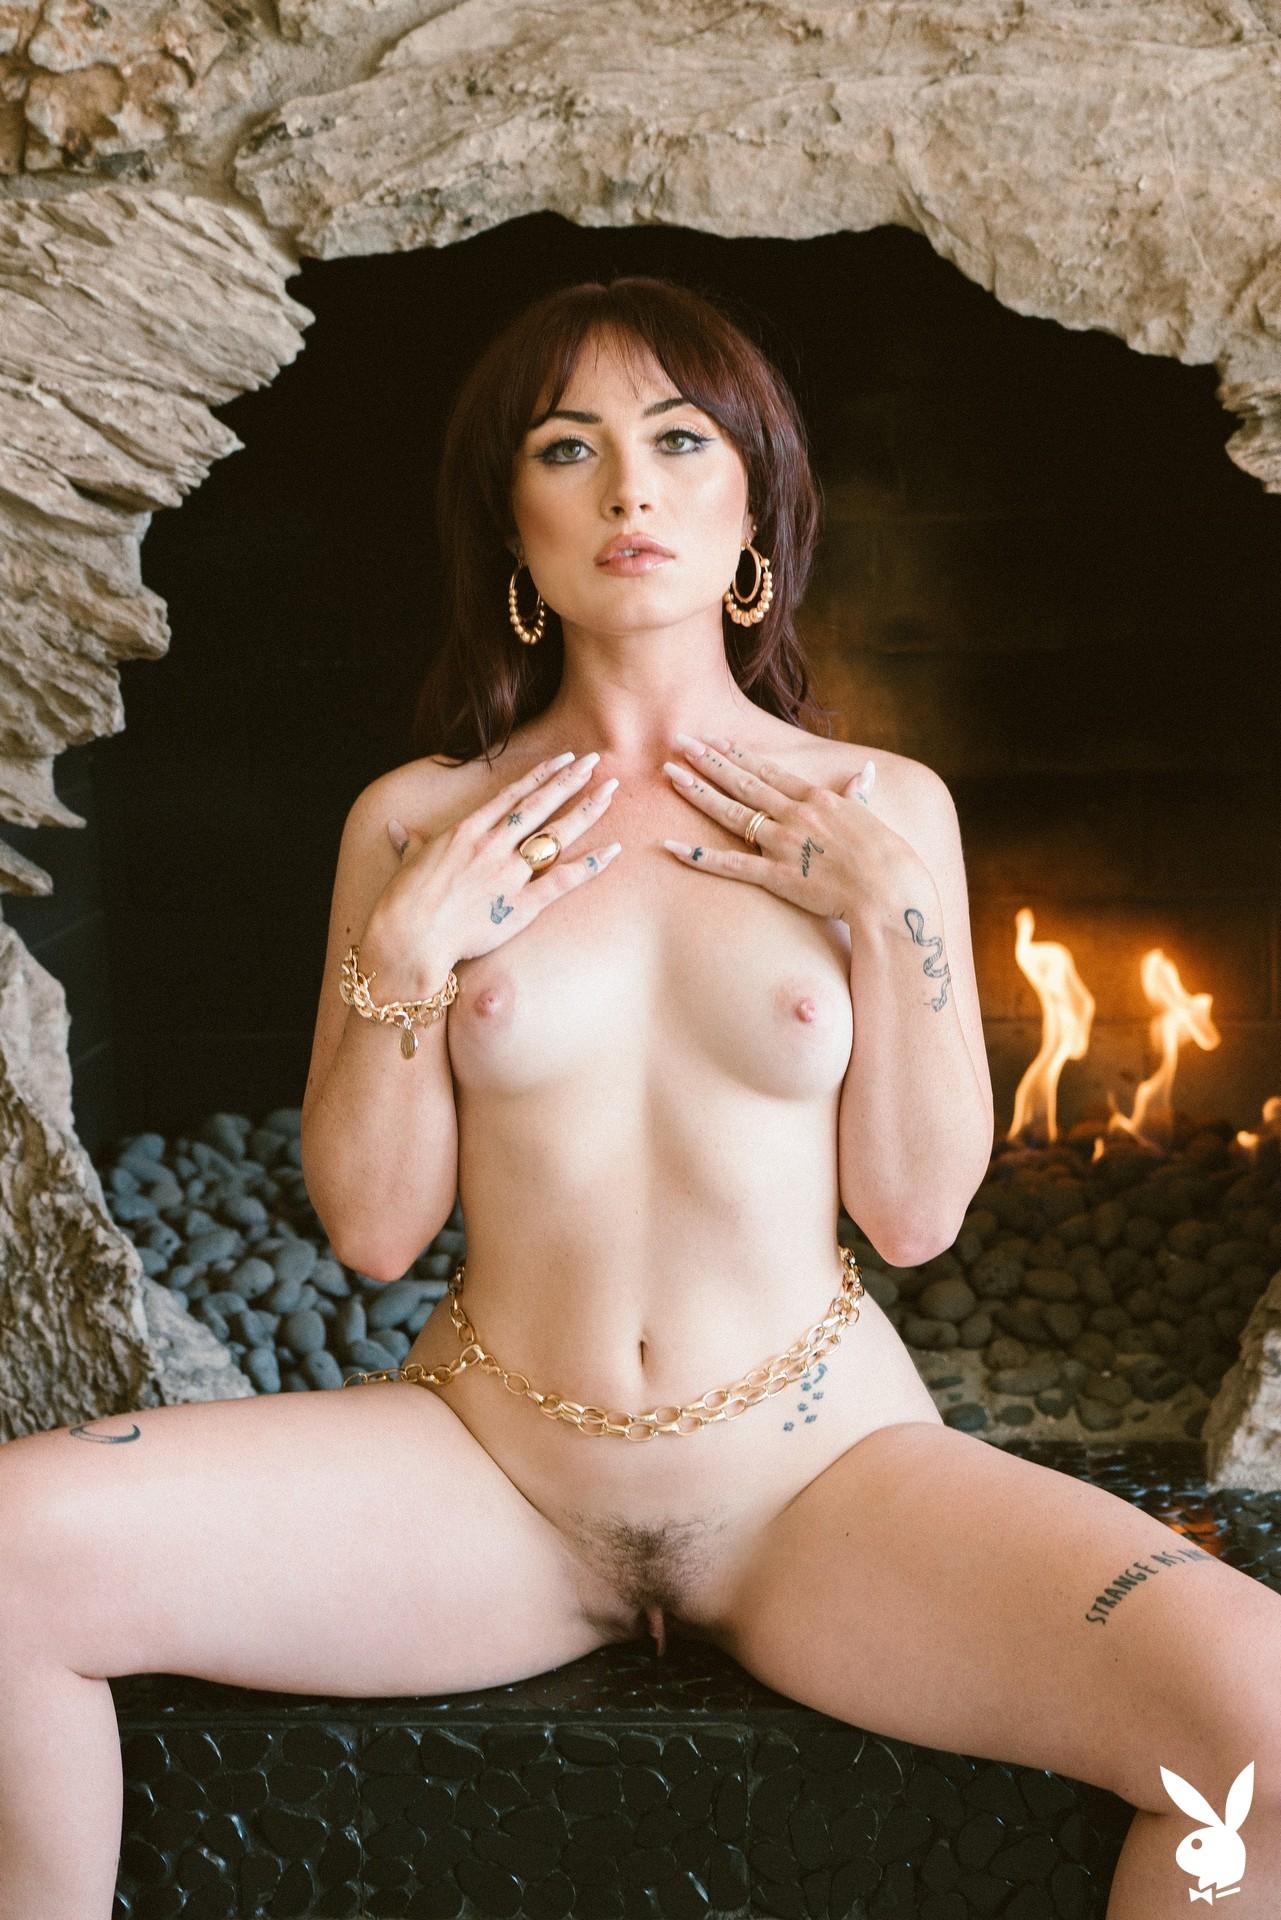 Kenna In Warm Invitation Playboy Plus (26)